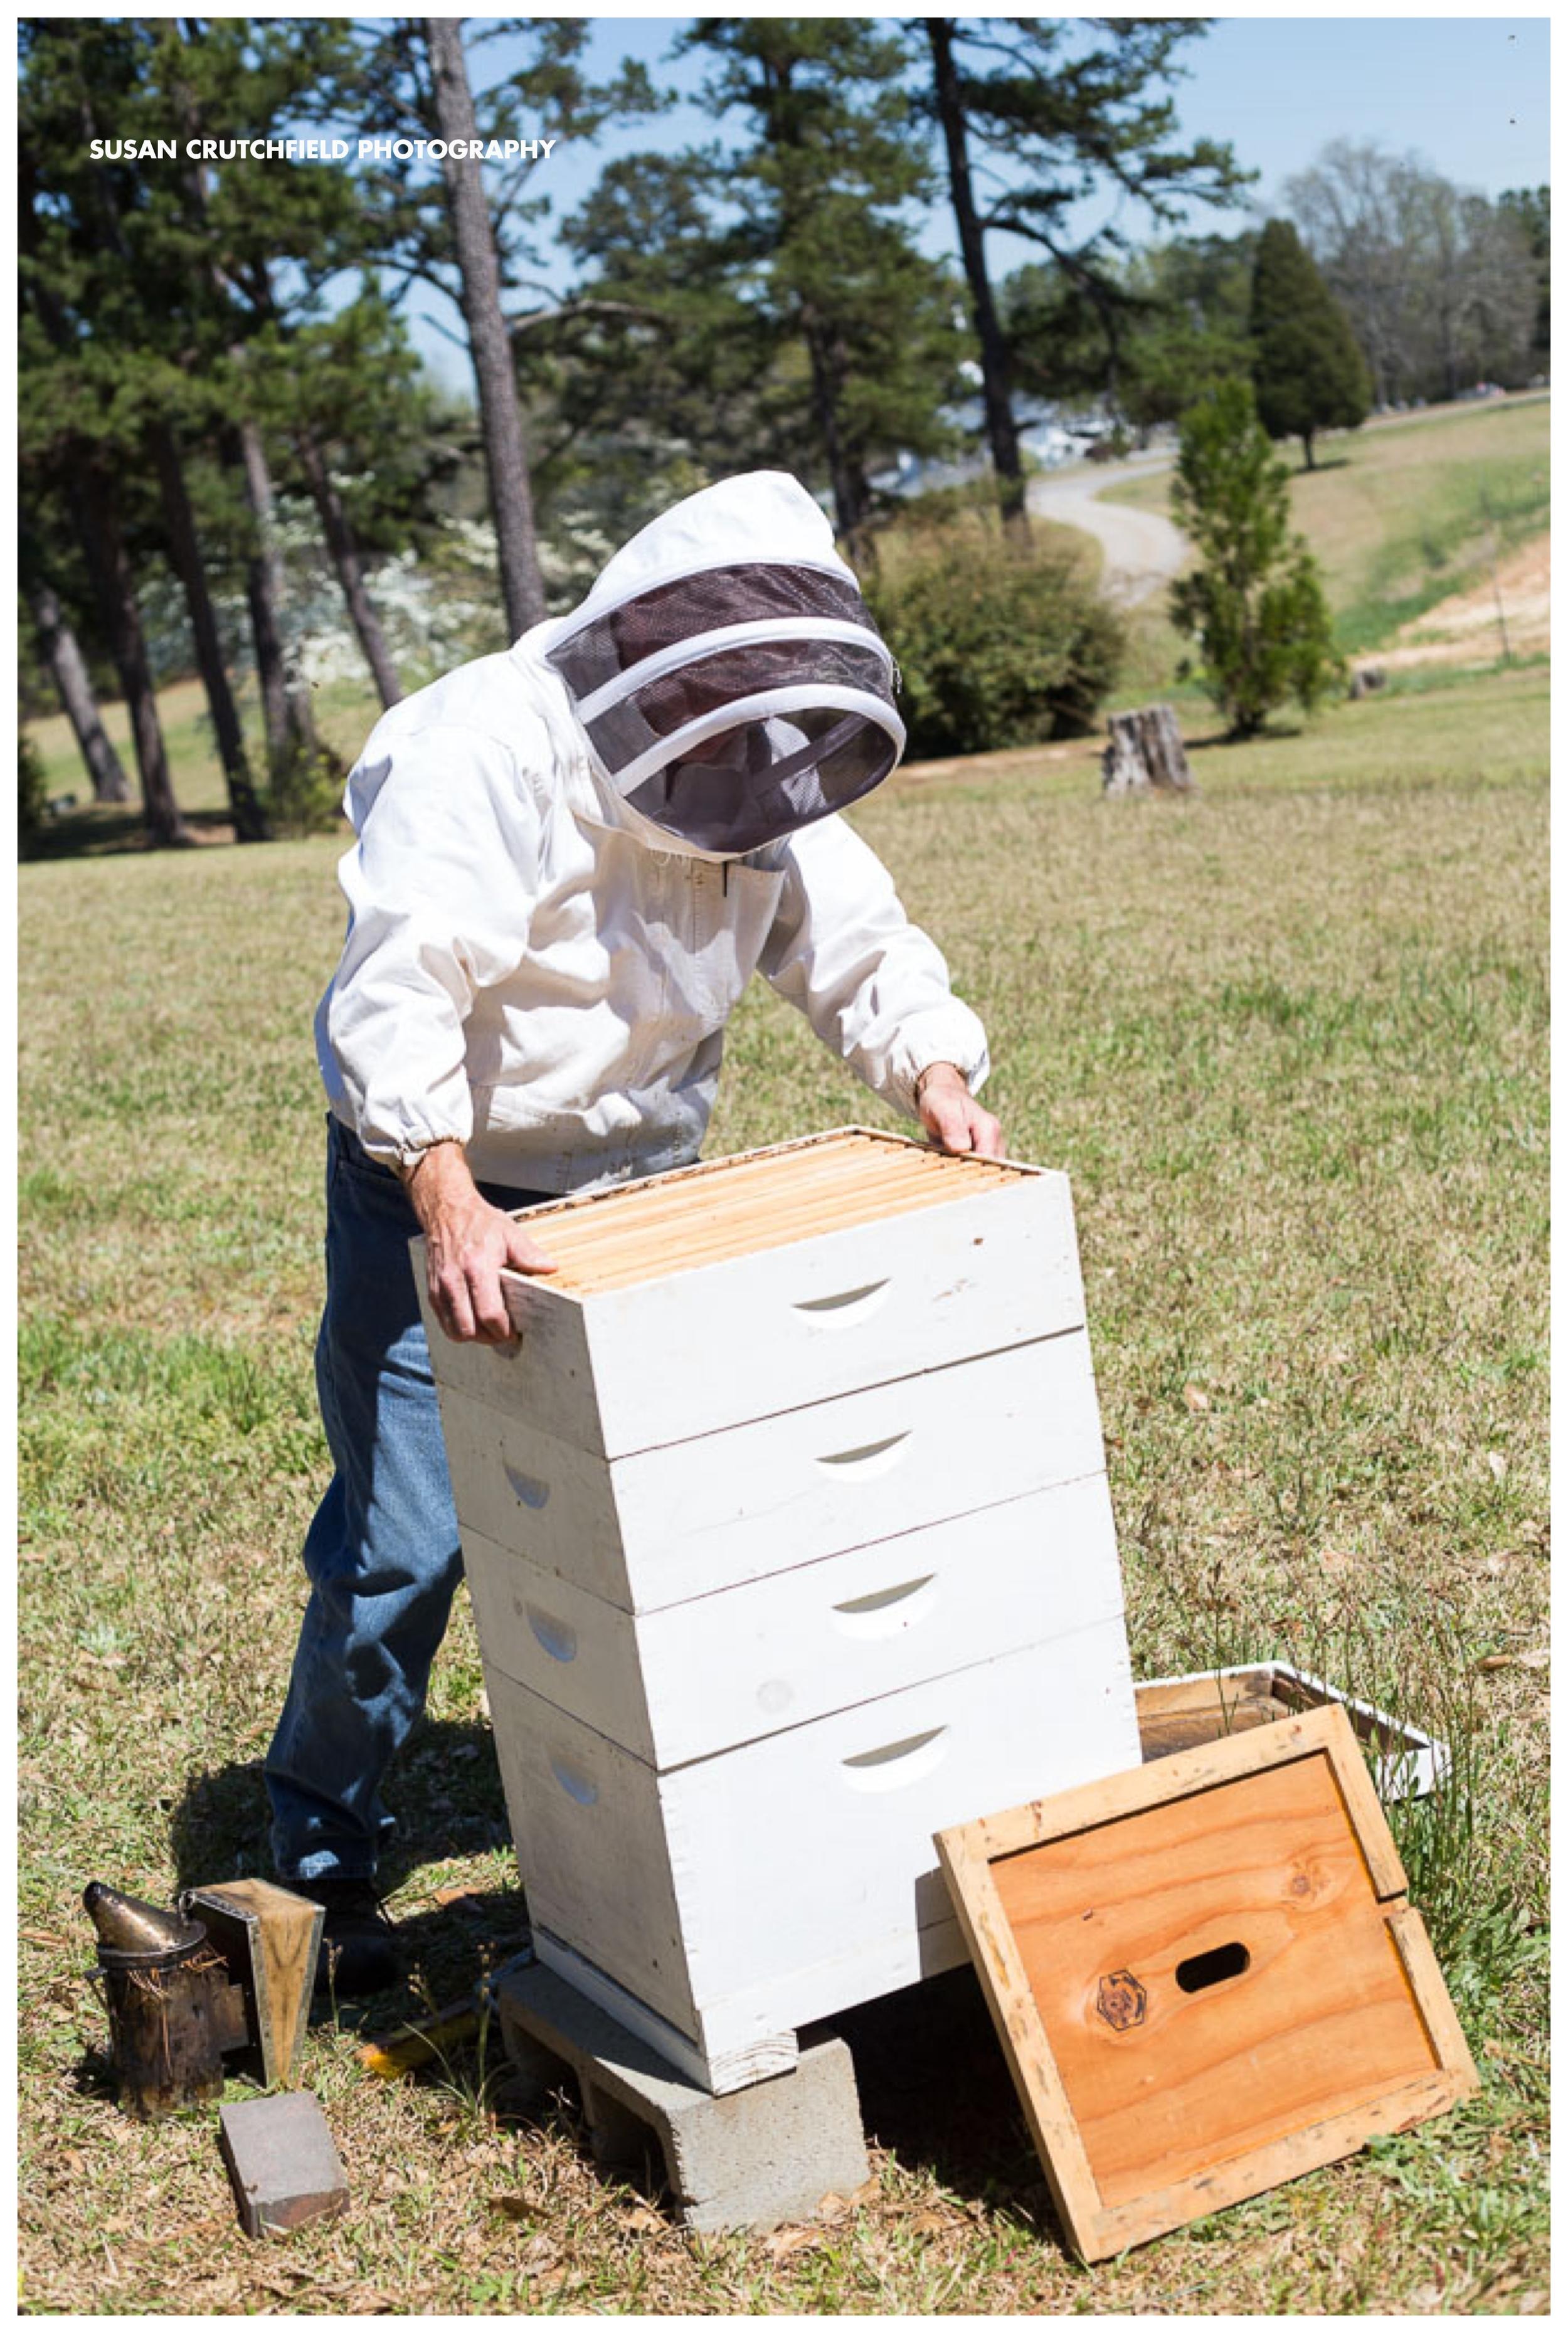 Steve Page, Beekeeper